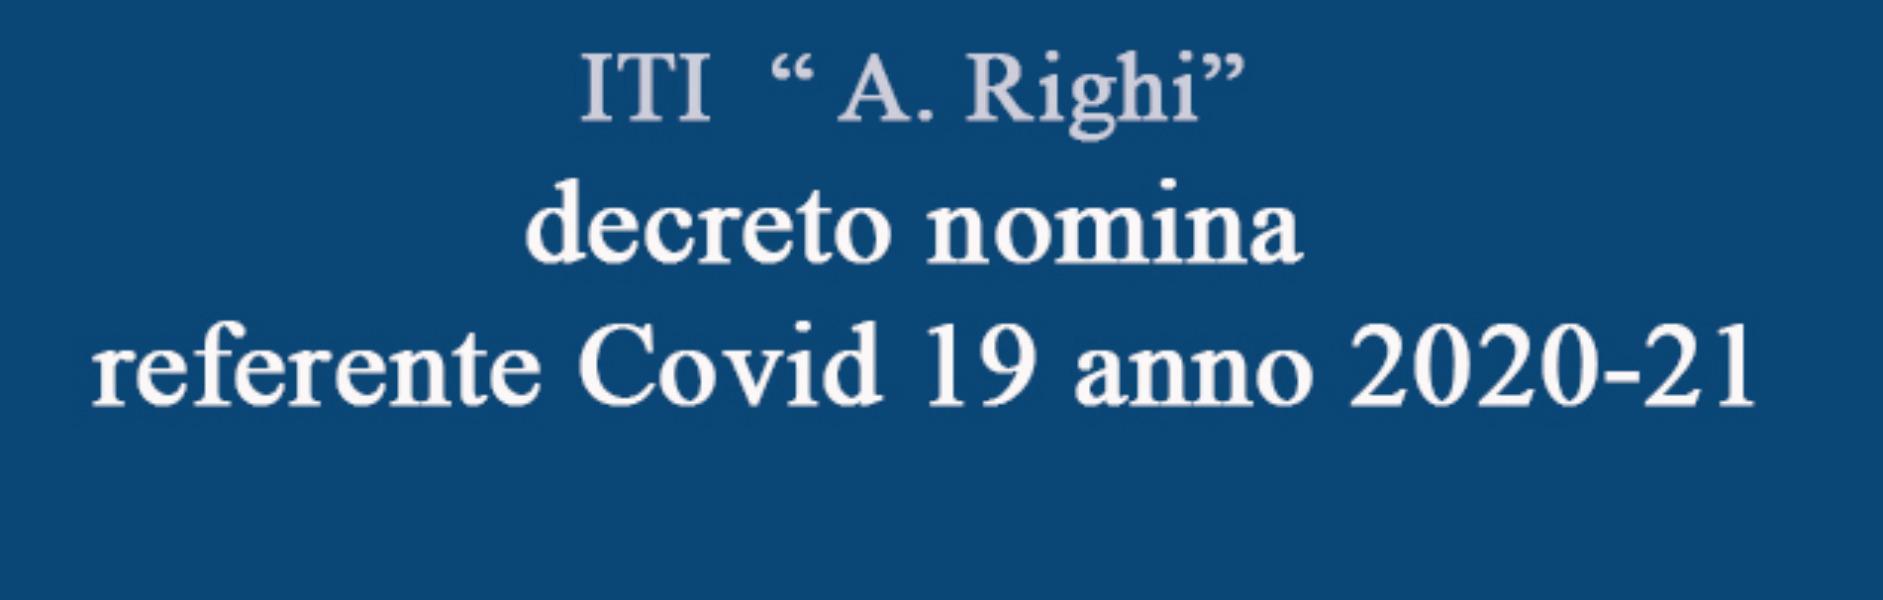 decreto nomina referente Covid 19 anno 2020-21